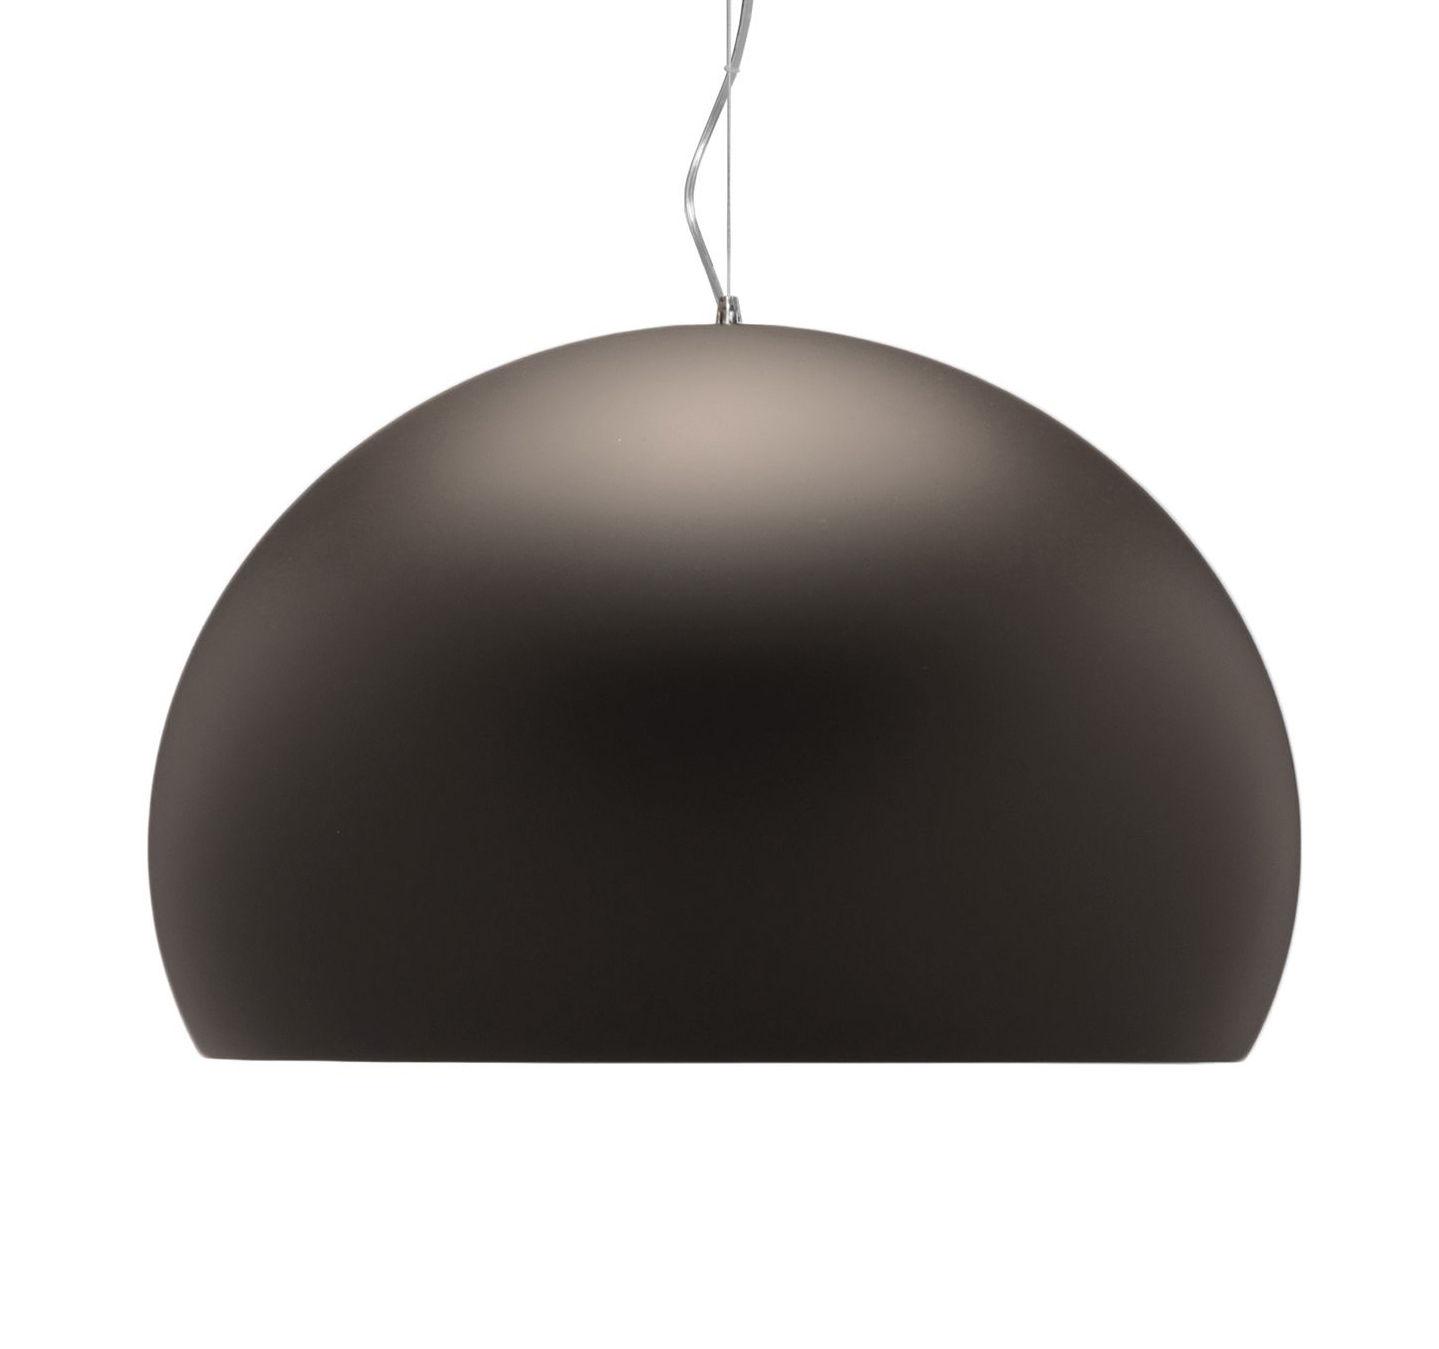 Lampe à suspension FL / Y Small - Ø 38 cm Marron mat Kartell Ferruccio Laviani 1